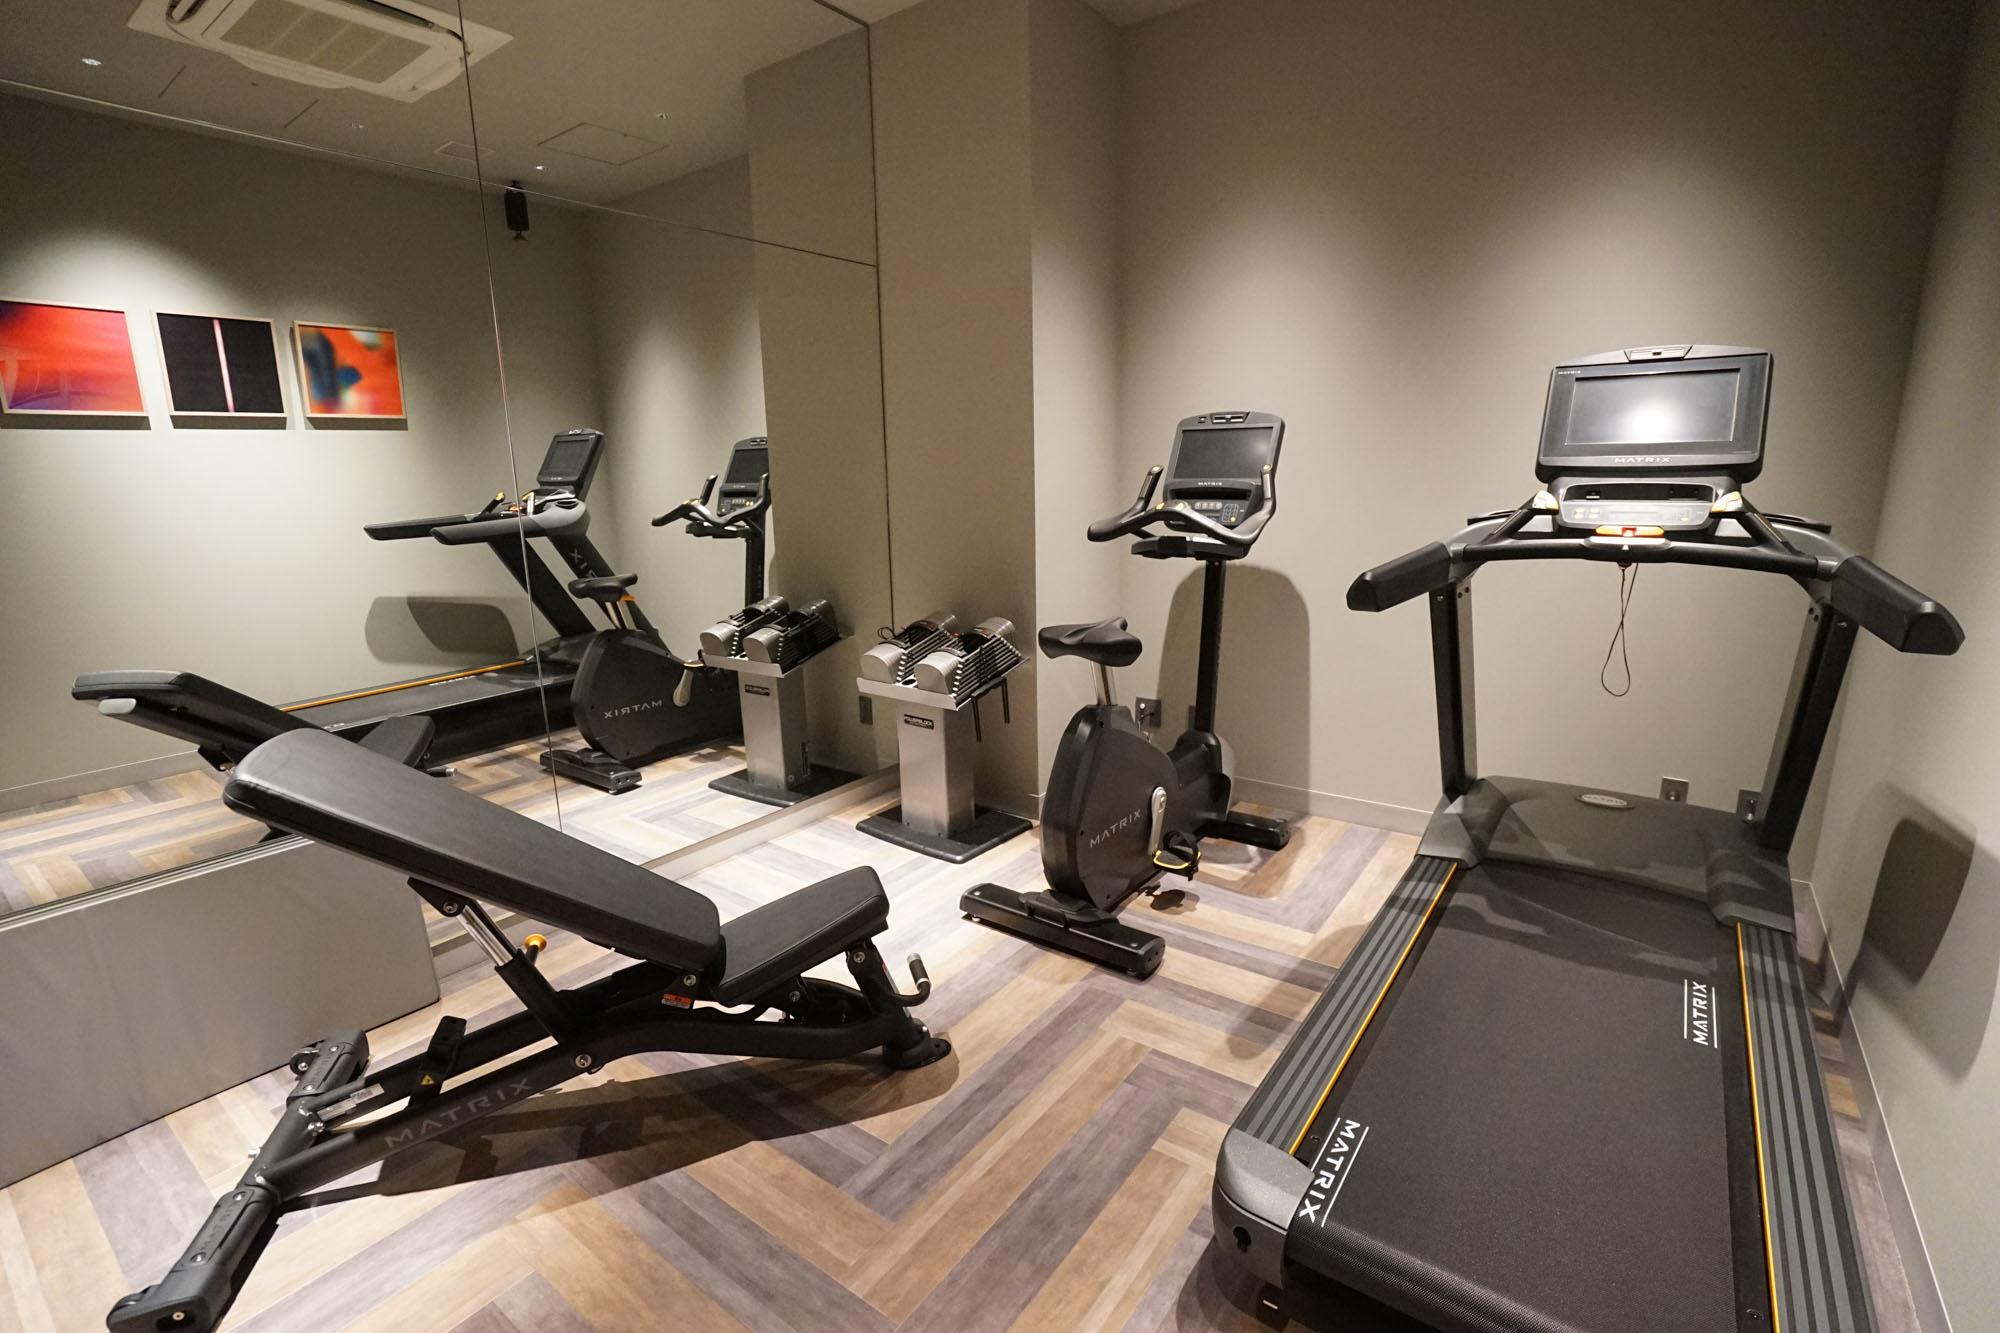 そして共用部には宿泊者が無料で使えるトレーニングルームも設置されています。ジム代が浮くことを考えるとますますお得に。